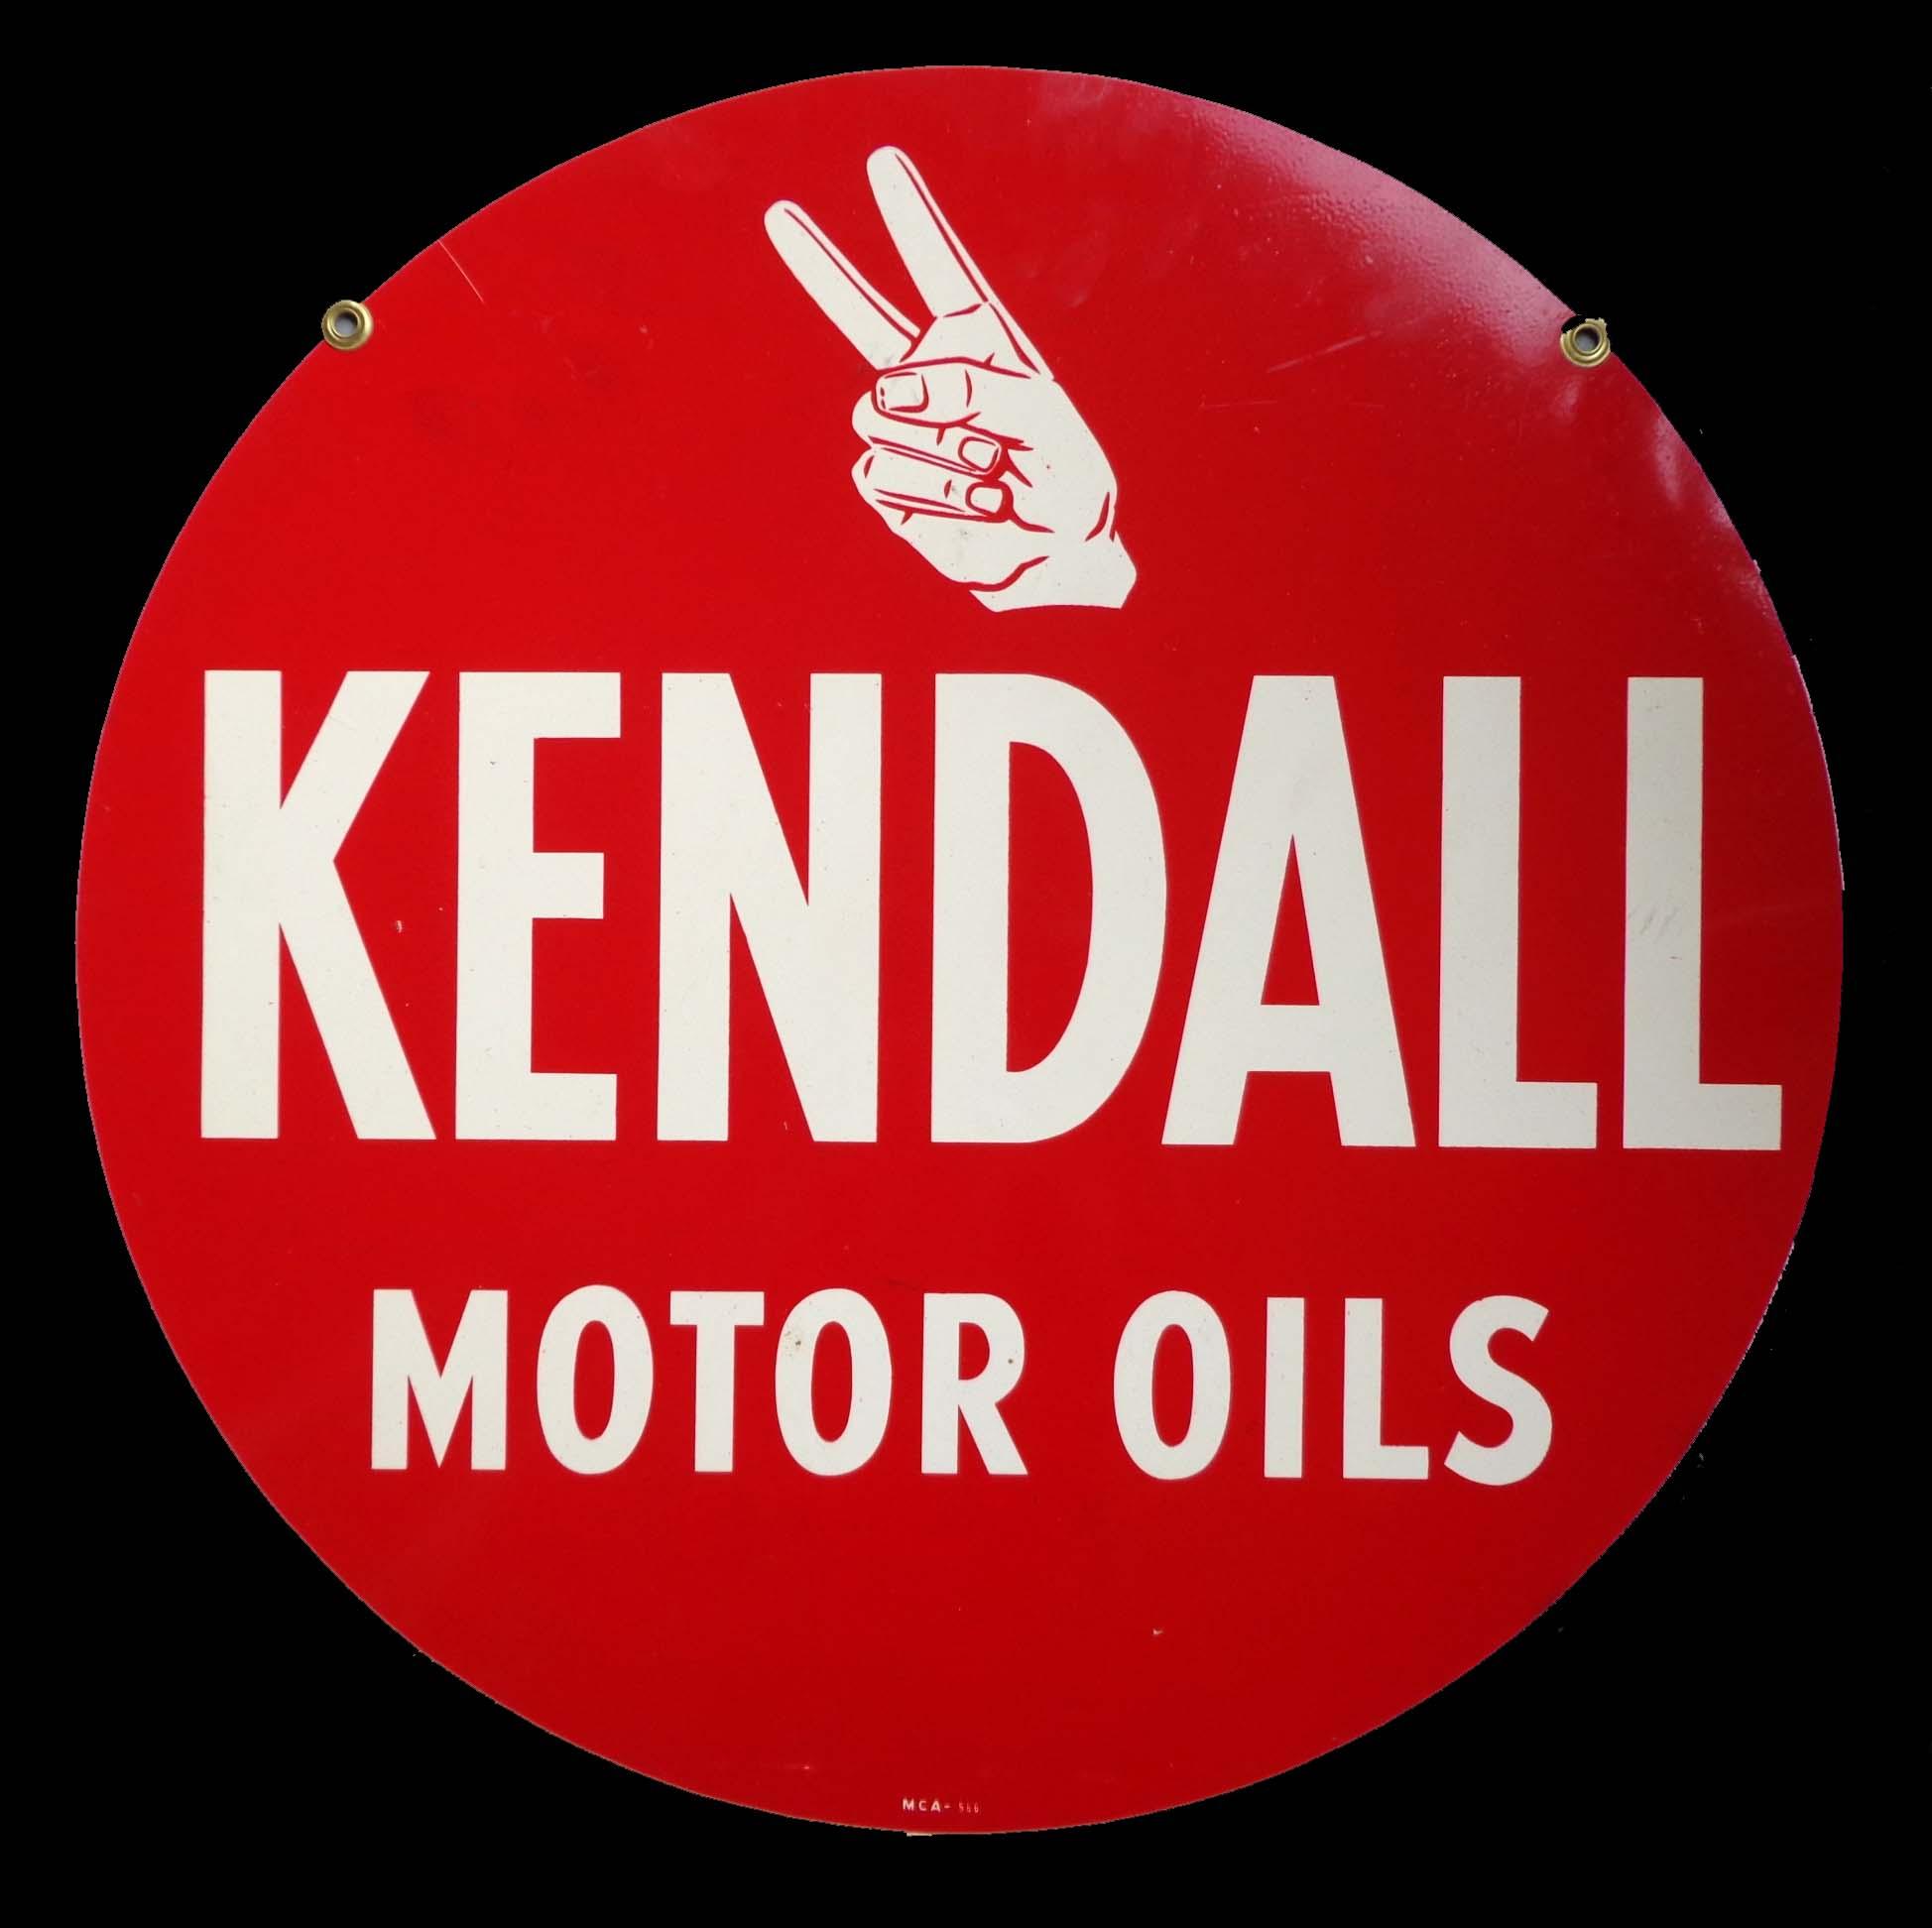 Kendall Motor Oils vintage sign